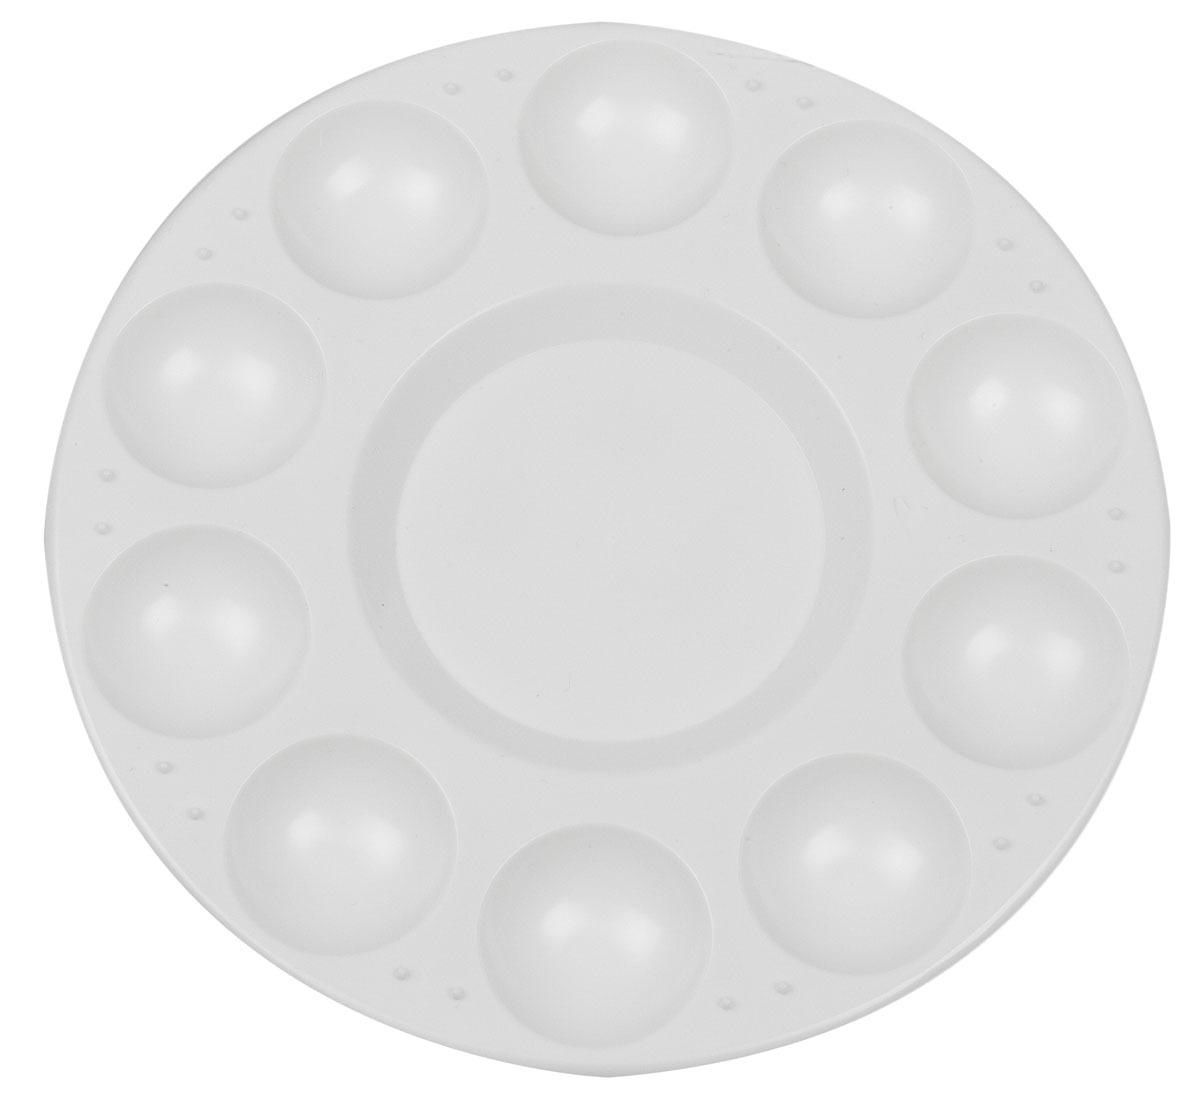 Jasart Round Palette image